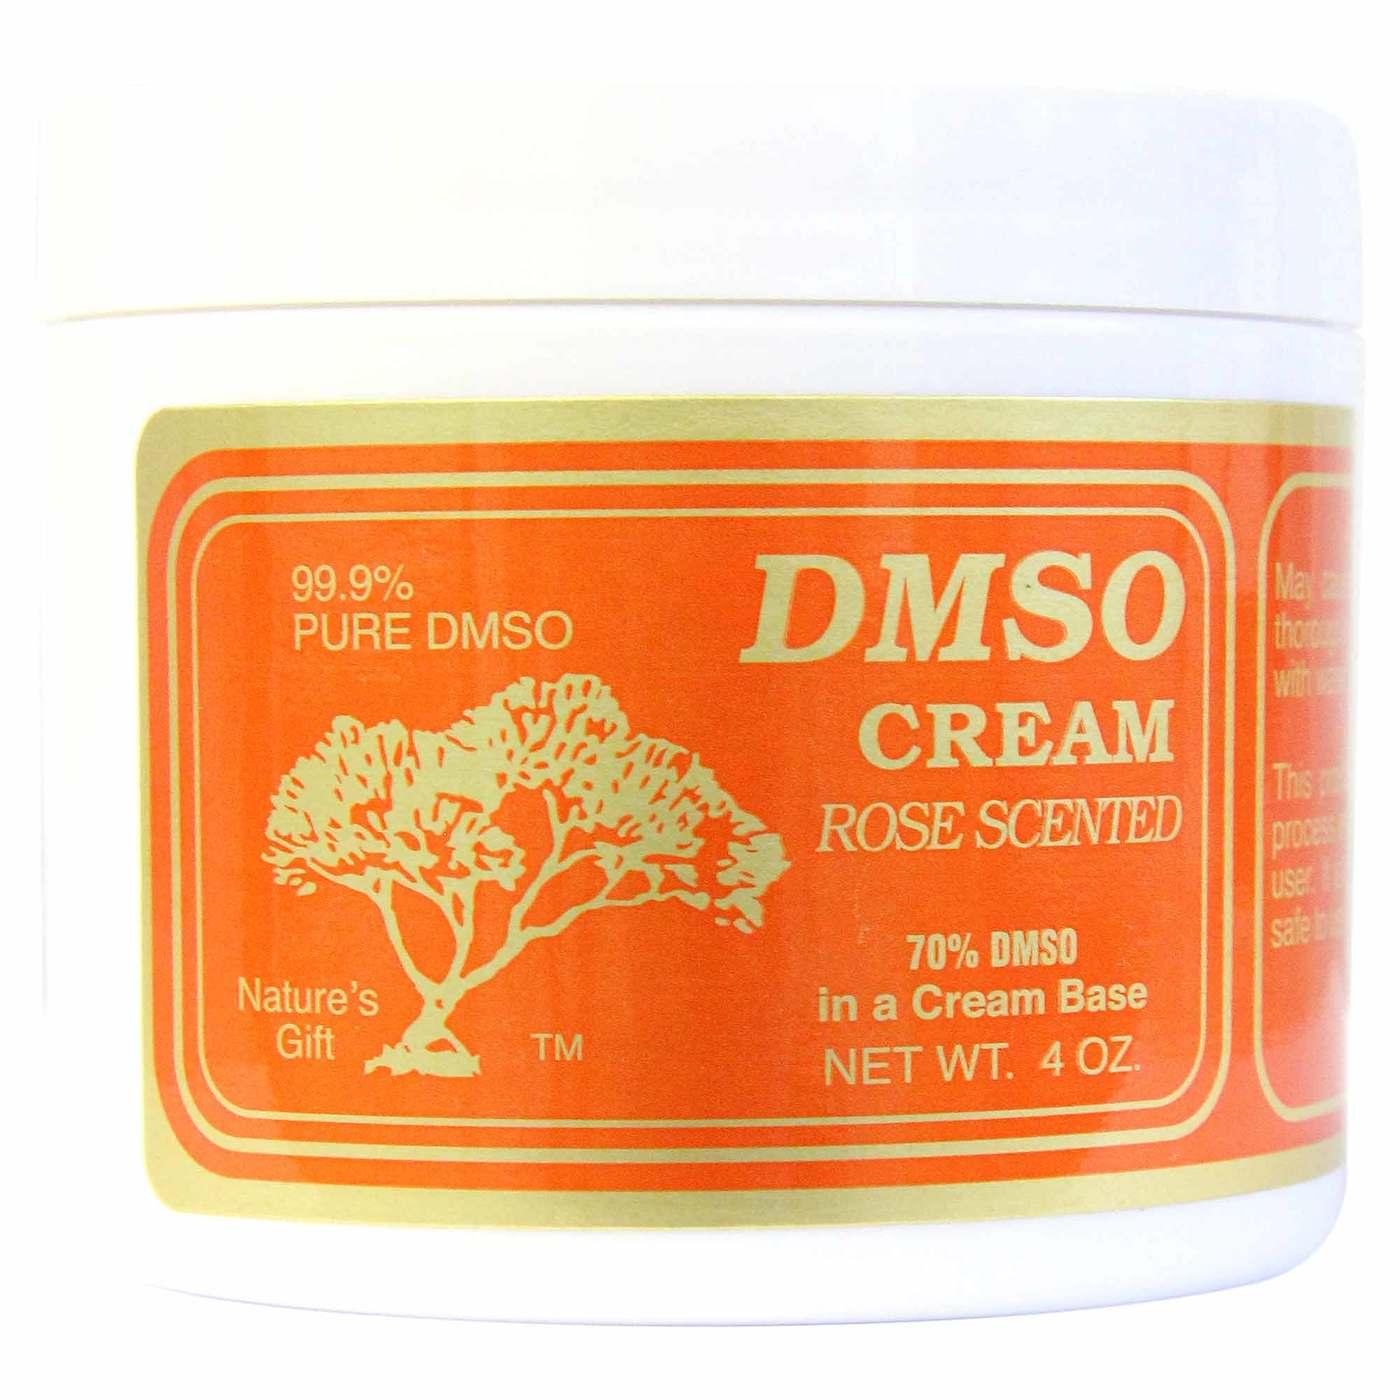 Nature's Gift DMSO Cream Rose - 4 oz